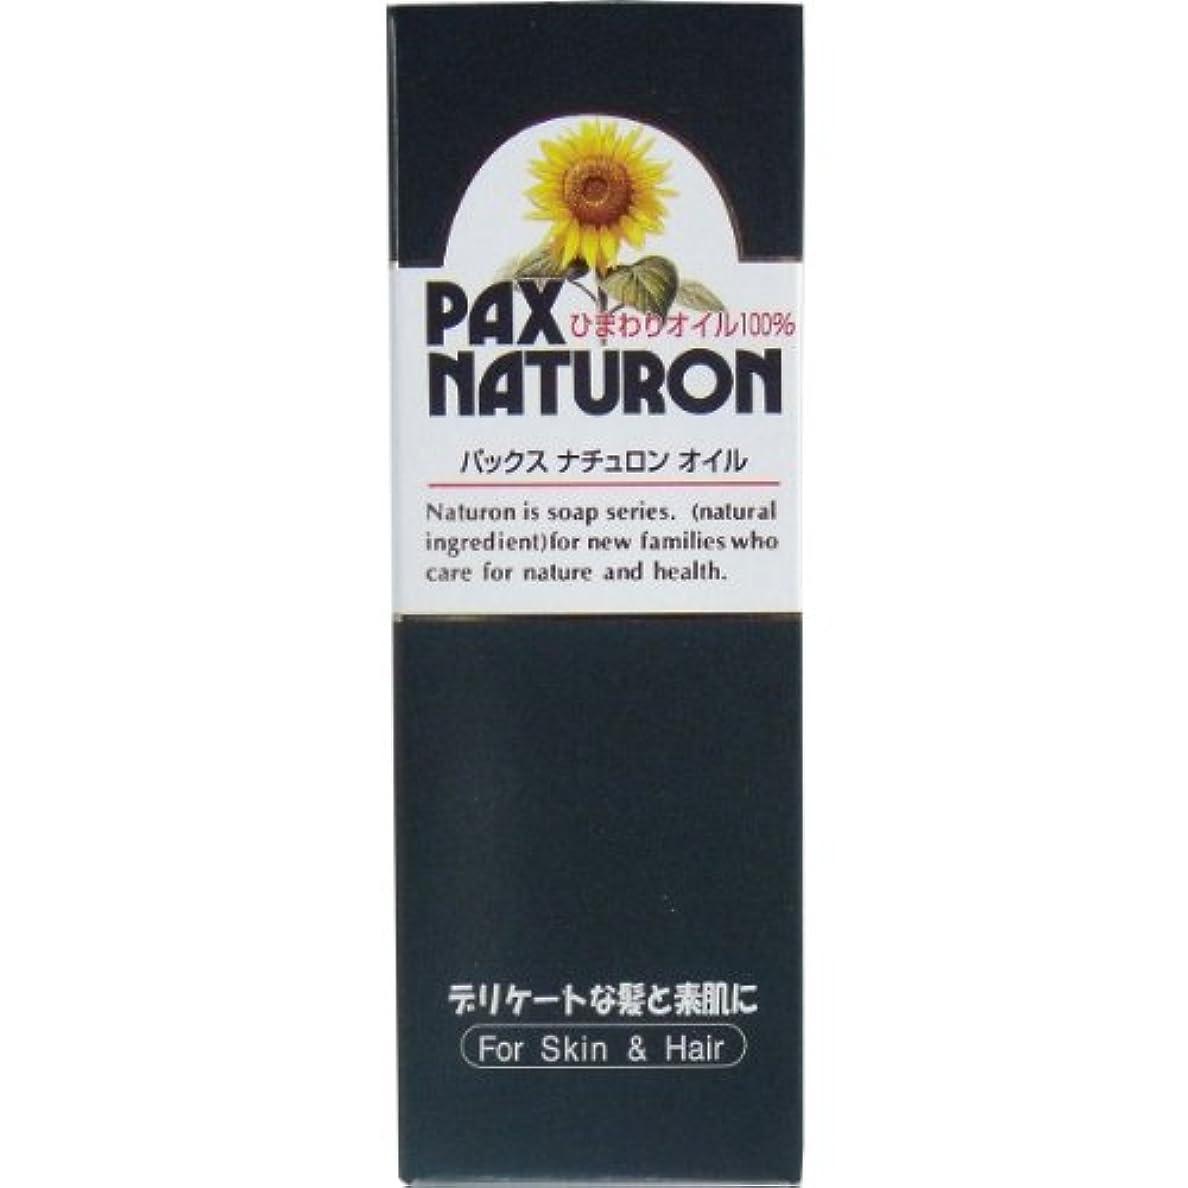 ブルーム西部辞書パックスナチュロン オイル (ひまわりオイル100%) 60mL 太陽油脂